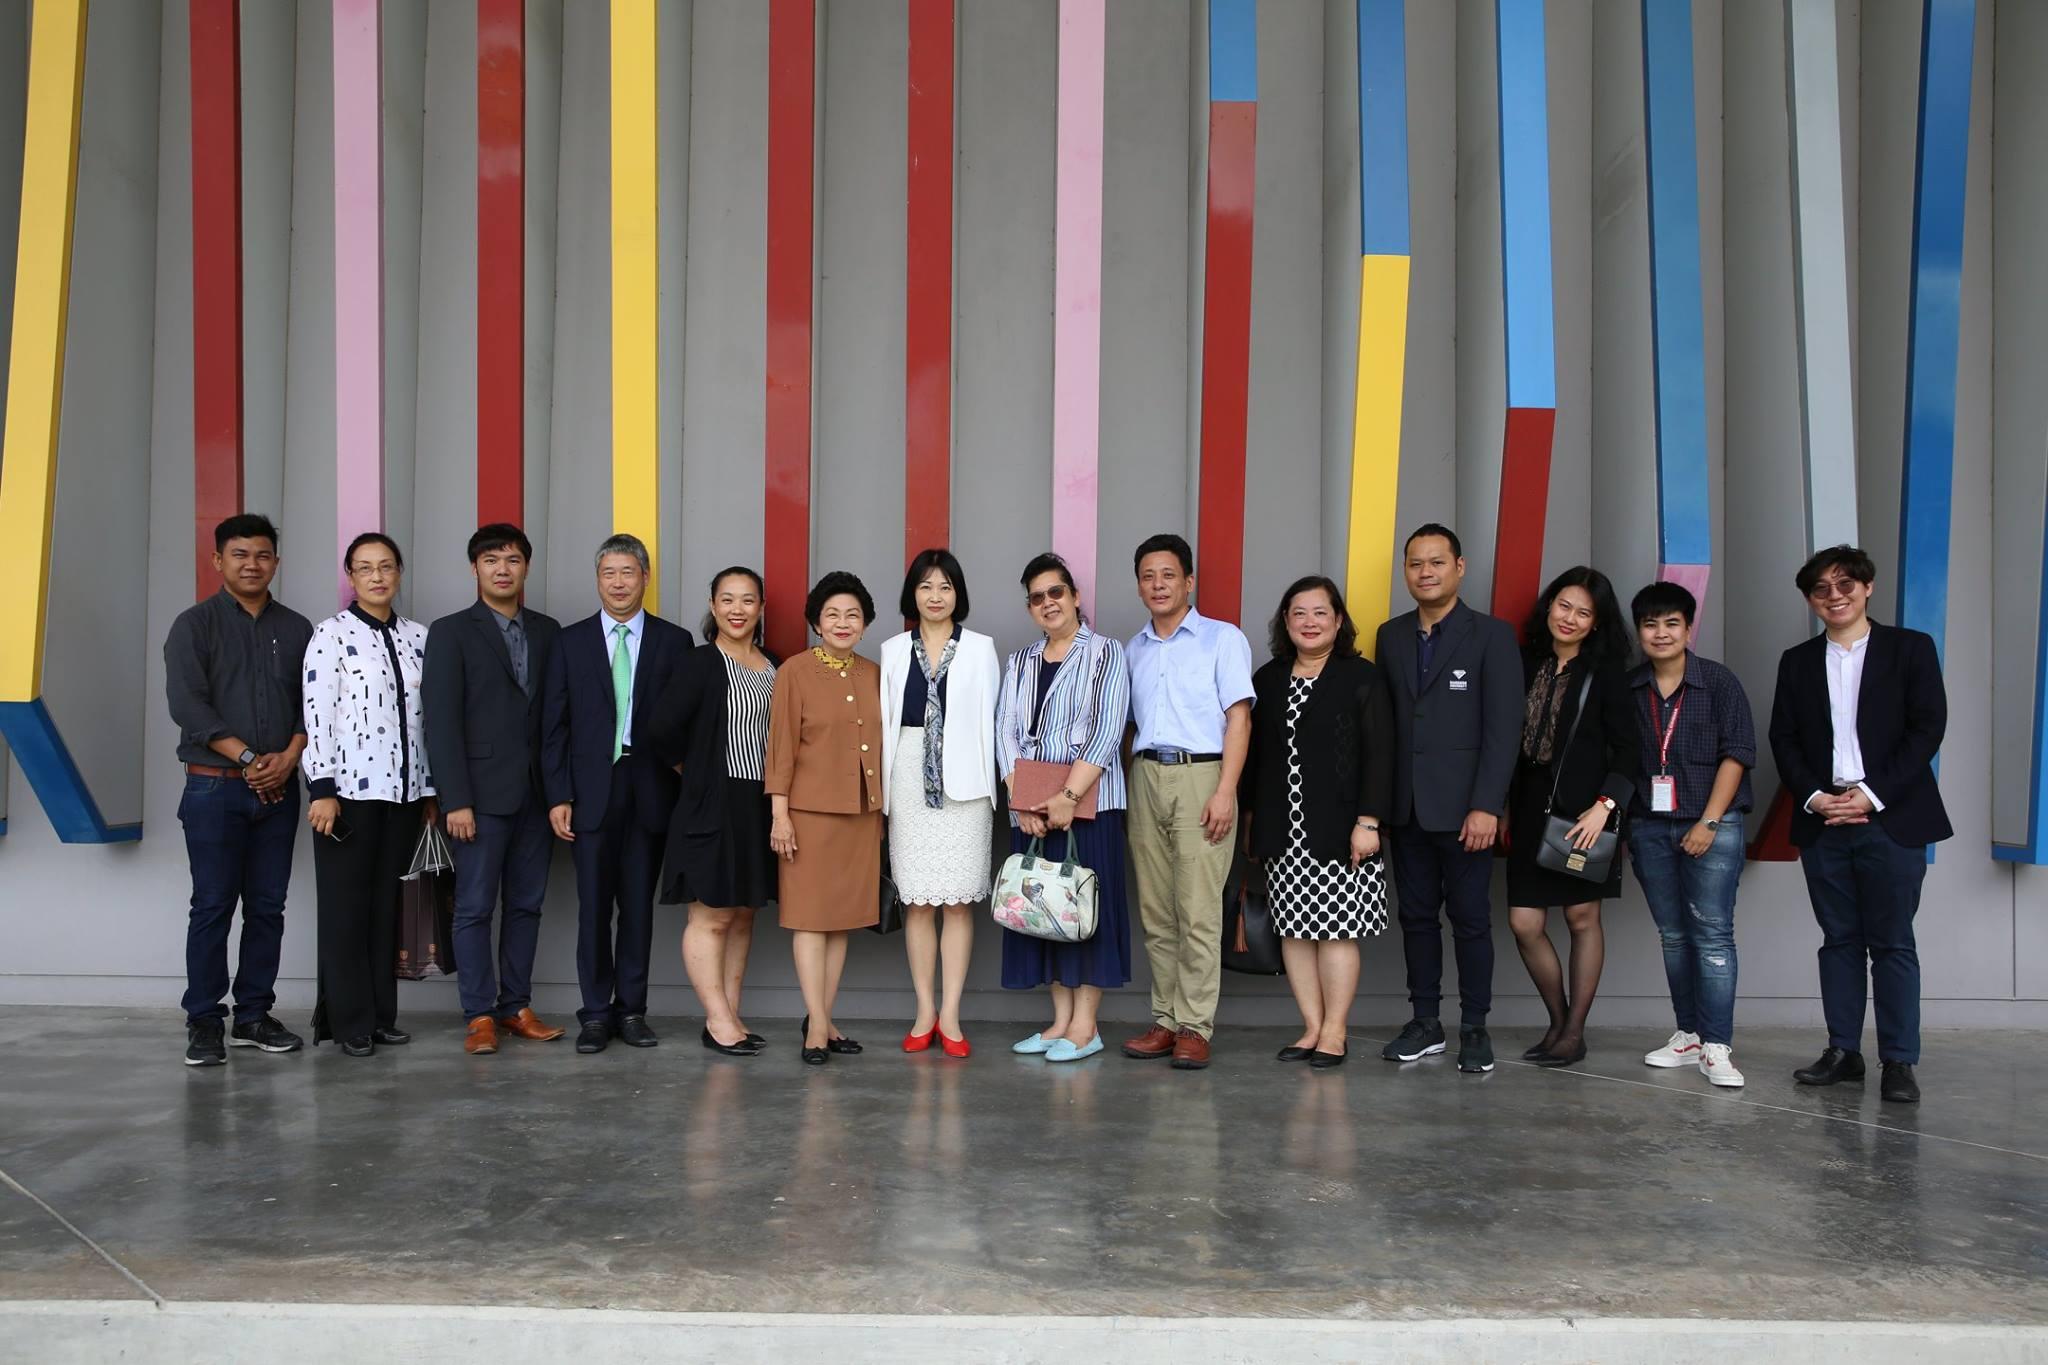 中国三亚学院到访泰国曼谷大学